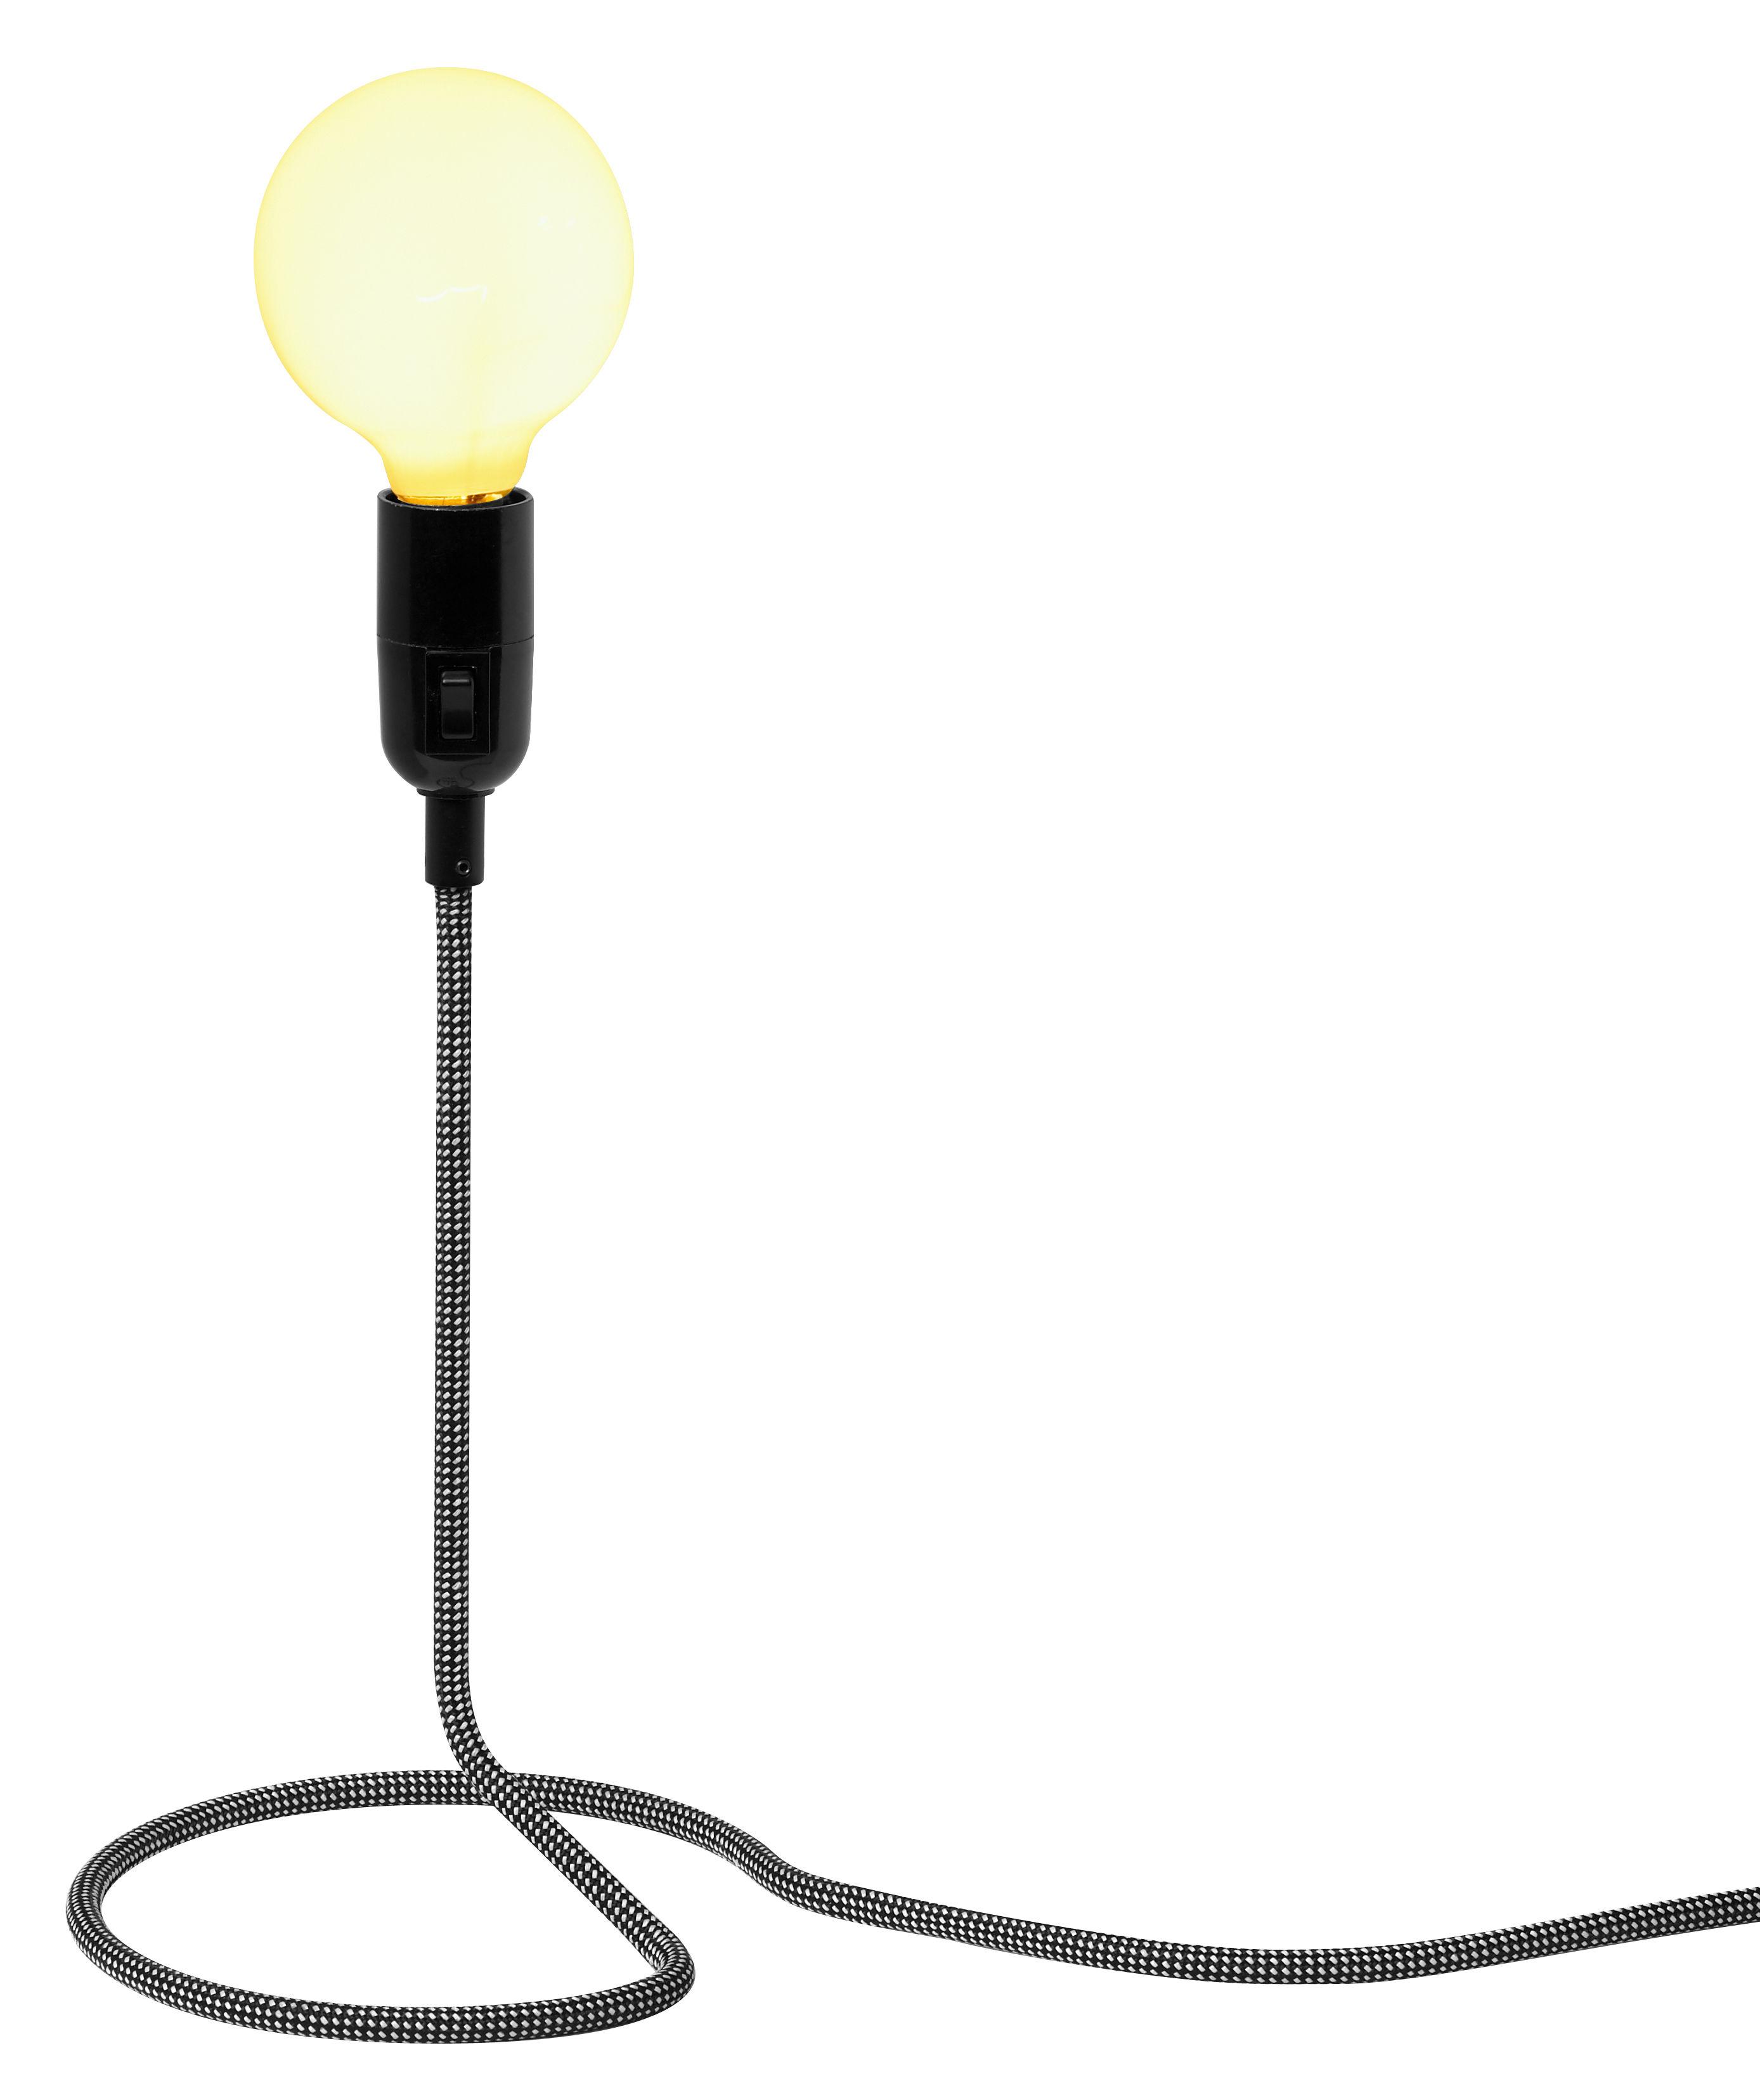 Leuchten - Tischleuchten - Cord Lamp Tischleuchte - Design House Stockholm - Schwarz-weißes Kabel - Baumwolle, Stahl